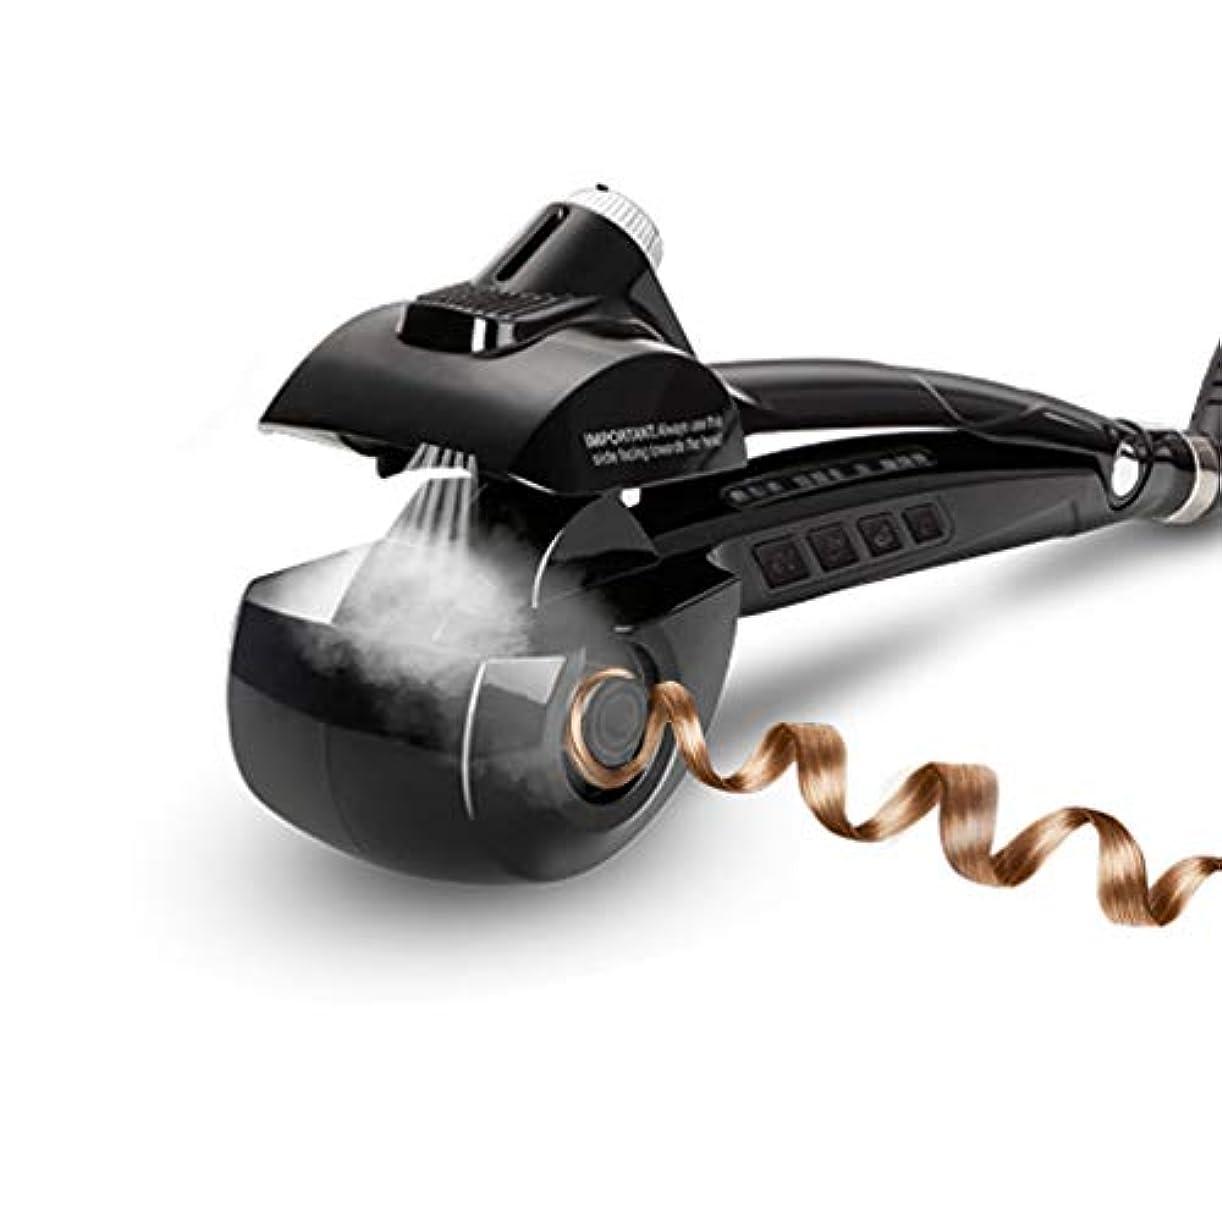 達成する真実に前進女性自動ヘアカーラースチームヘアカーラーセラミックカールマシンアンチもつれヘアスチームセラミックカーリングワンド自動カーリングワンドサロンプロフェッショナルツール